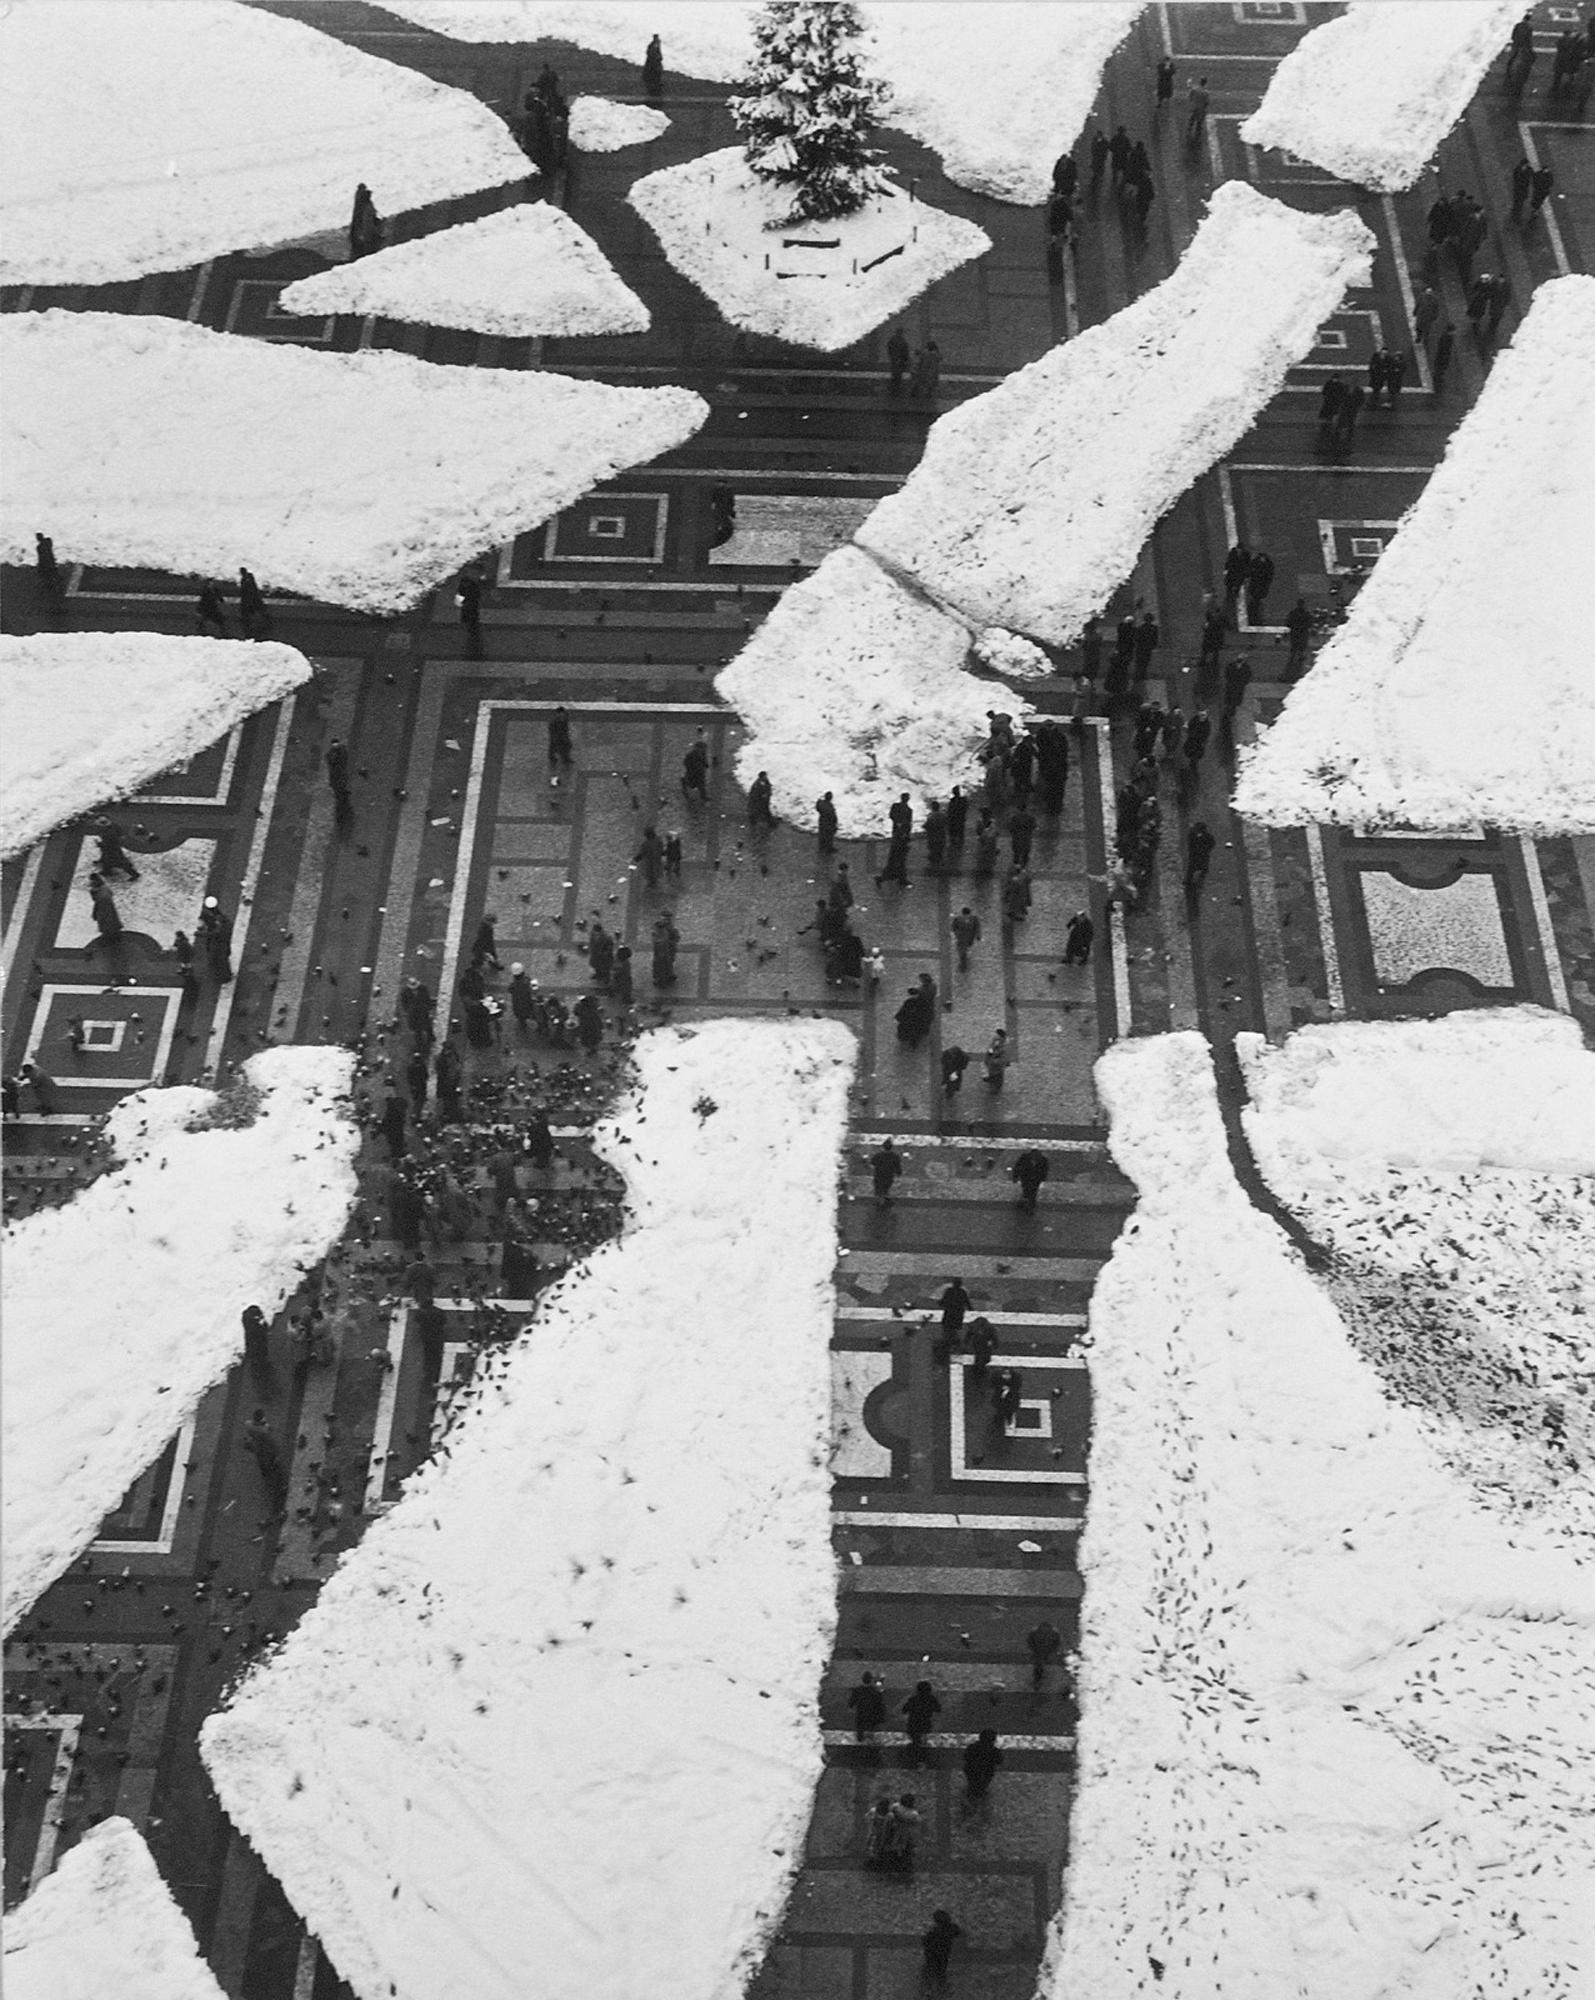 Fotó: Mario de Biasi: Milano, 1951 © Mario de Biasi/Mondadori Portfolio